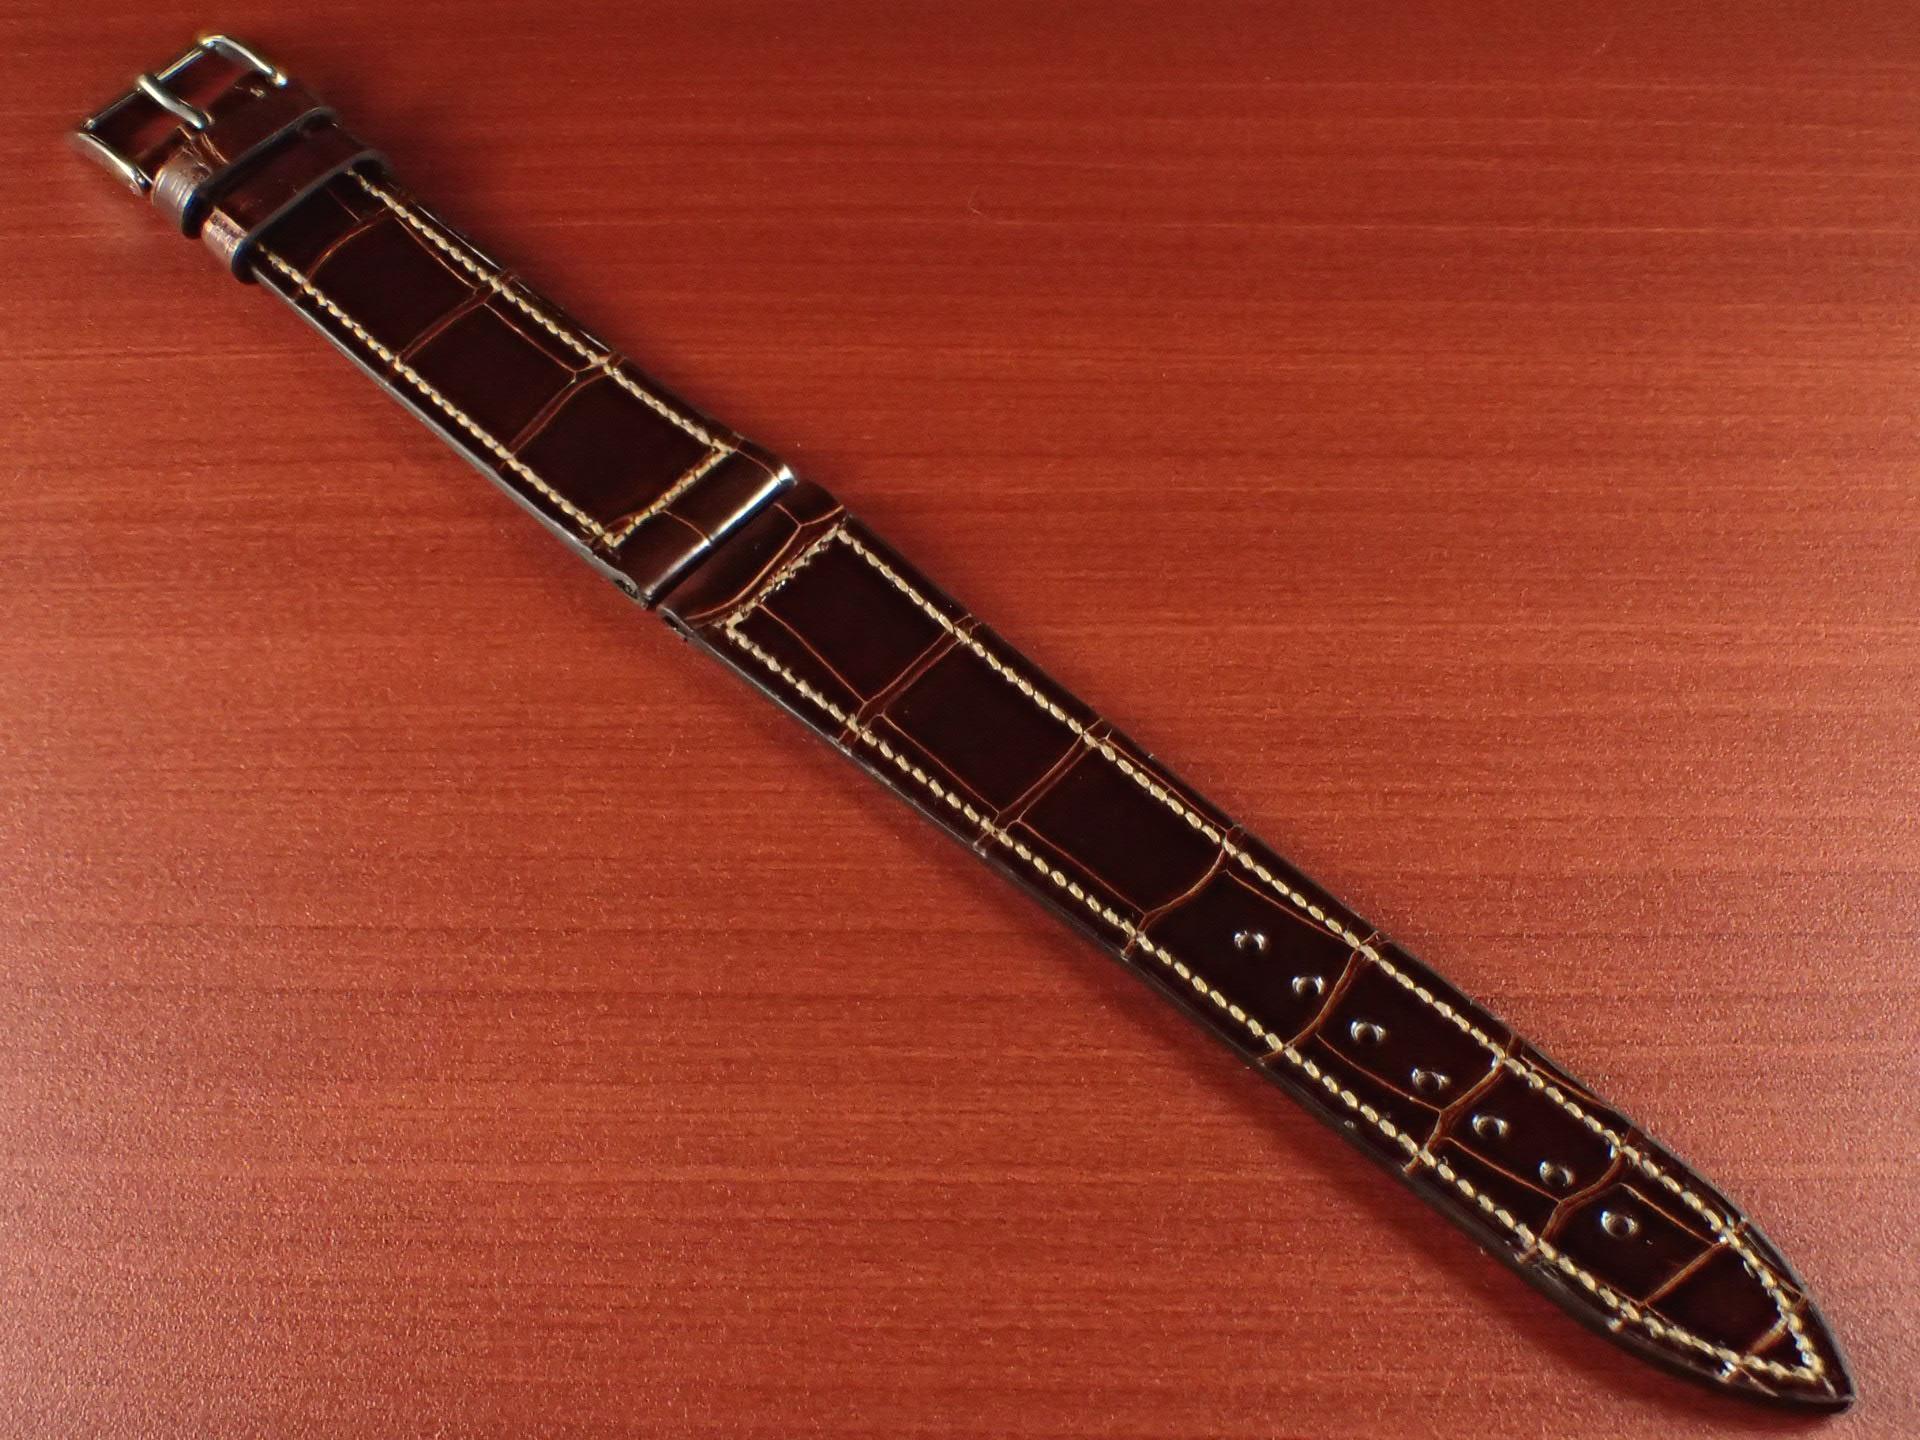 ジャン・クロード ペラン革ベルト クロコダイル タバコブラウン(シャイニー) 18mmのメイン写真